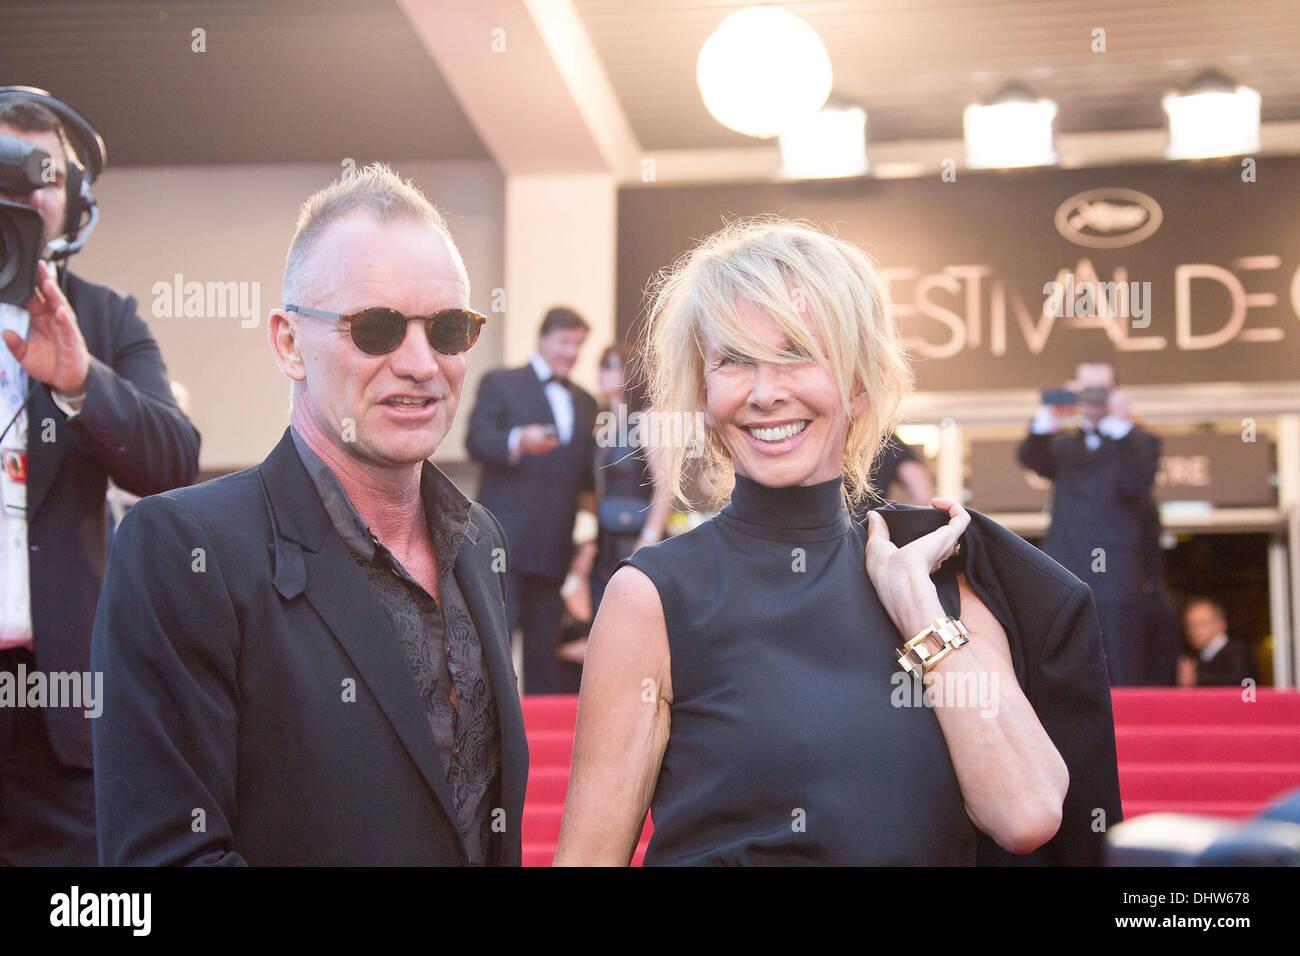 """Sting und seine Frau Trudie Styler, """"Schlamm"""" Premiere während der 65. Filmfestspiele Cannes. Cannes, Frankreich Stockfoto"""